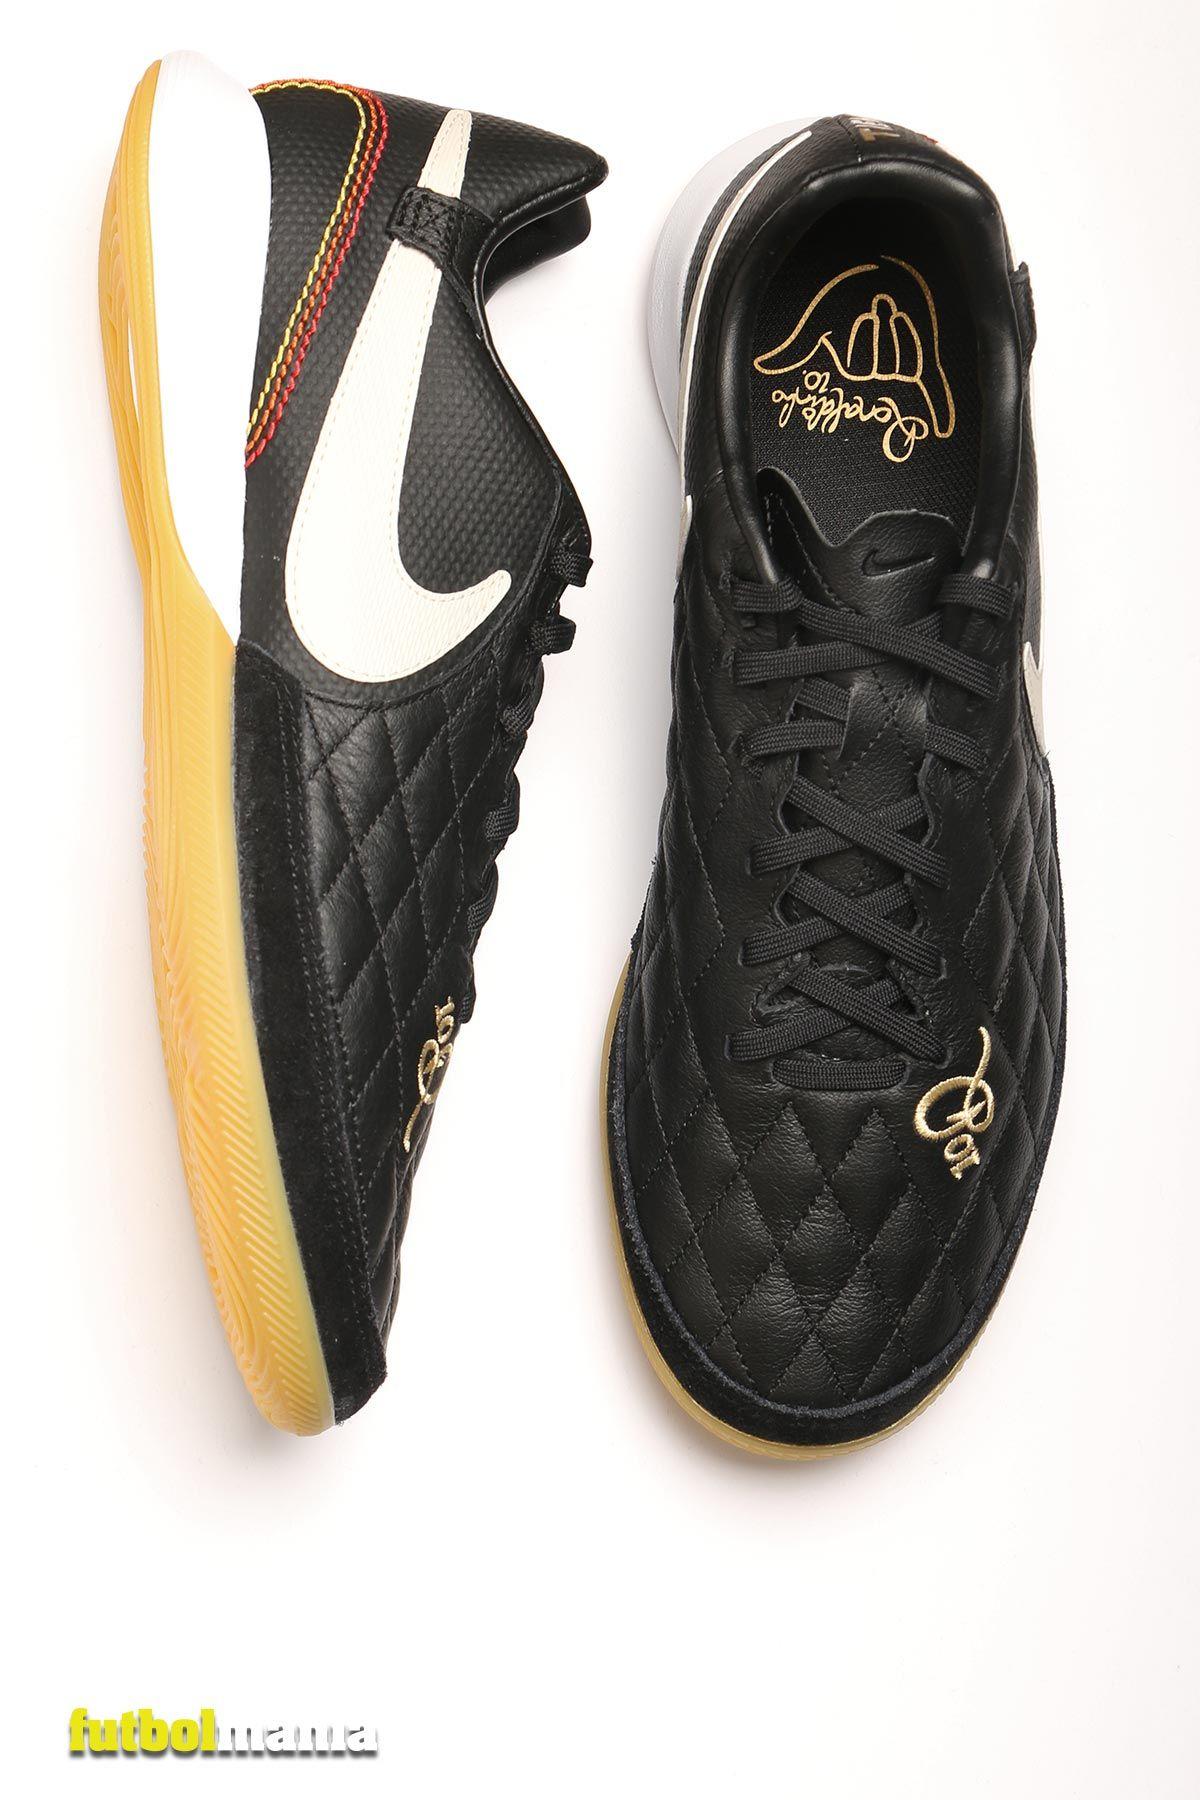 Pin de Marco Antonio en NIKE | Zapatos de fútbol, Zapatillas